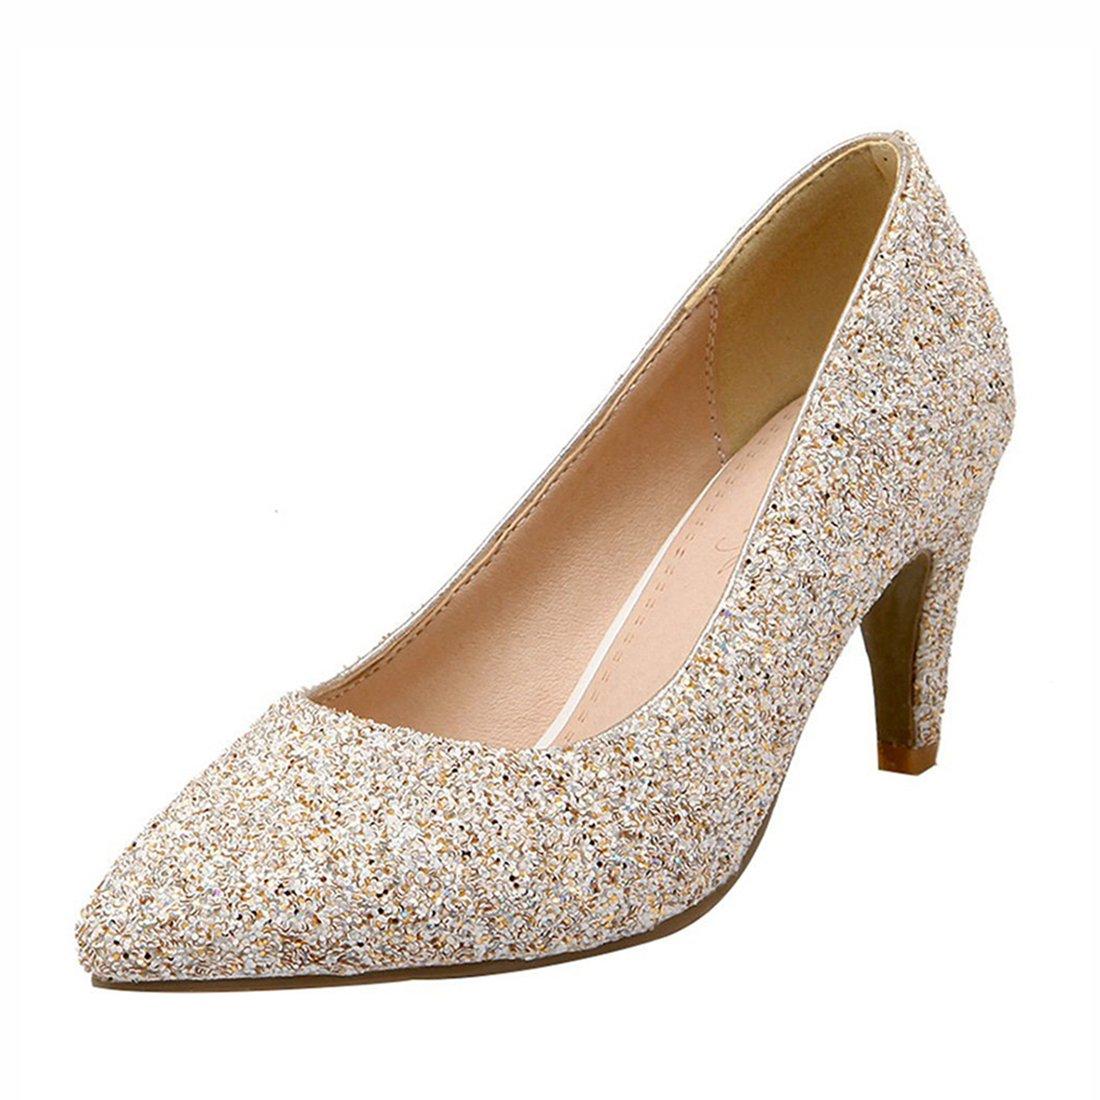 5f45fc33060efd Agodor Damen High Heels Stiletto Pumps mit Strass und Glitzer Spitze  Elegant Braut Hochzeit Schuhe - sommerprogramme.de